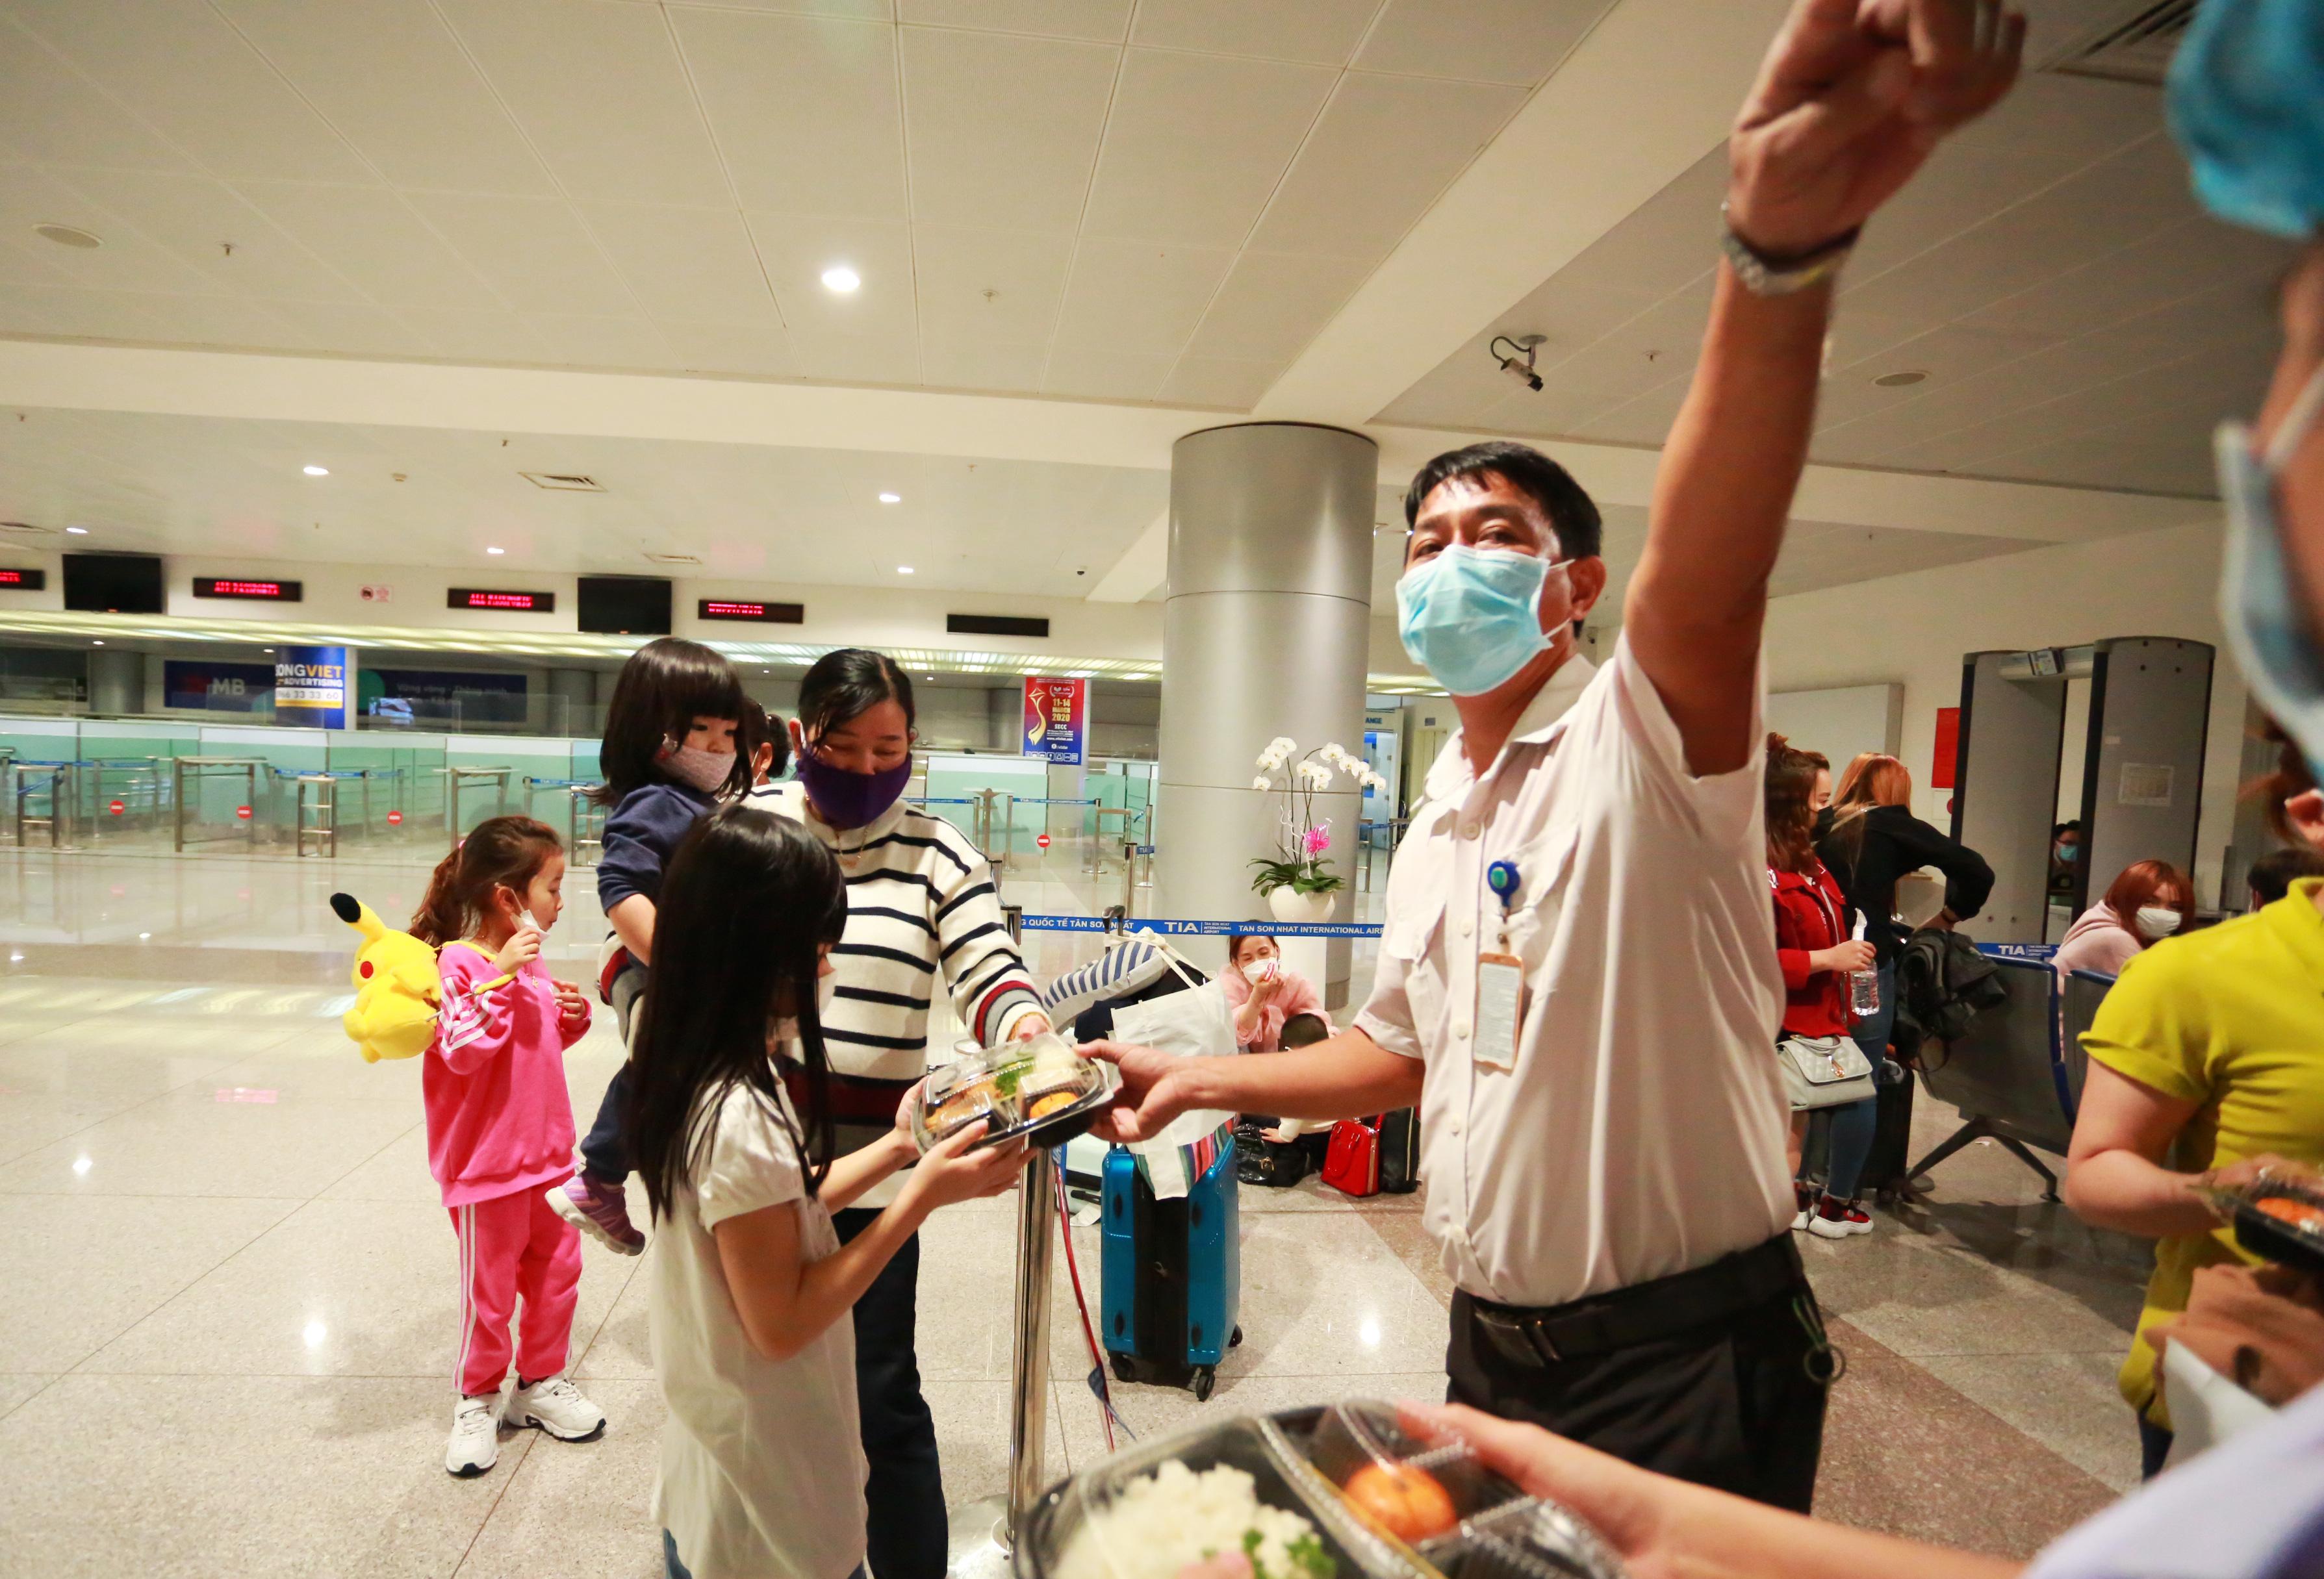 QUY TRÌNH NGHIÊM NGẶT giúp phát hiện 3 người về từ Hàn Quốc có dấu hiệu sốt, được cách ly lập tức khi xuống Tân Sơn Nhất - Ảnh 9.